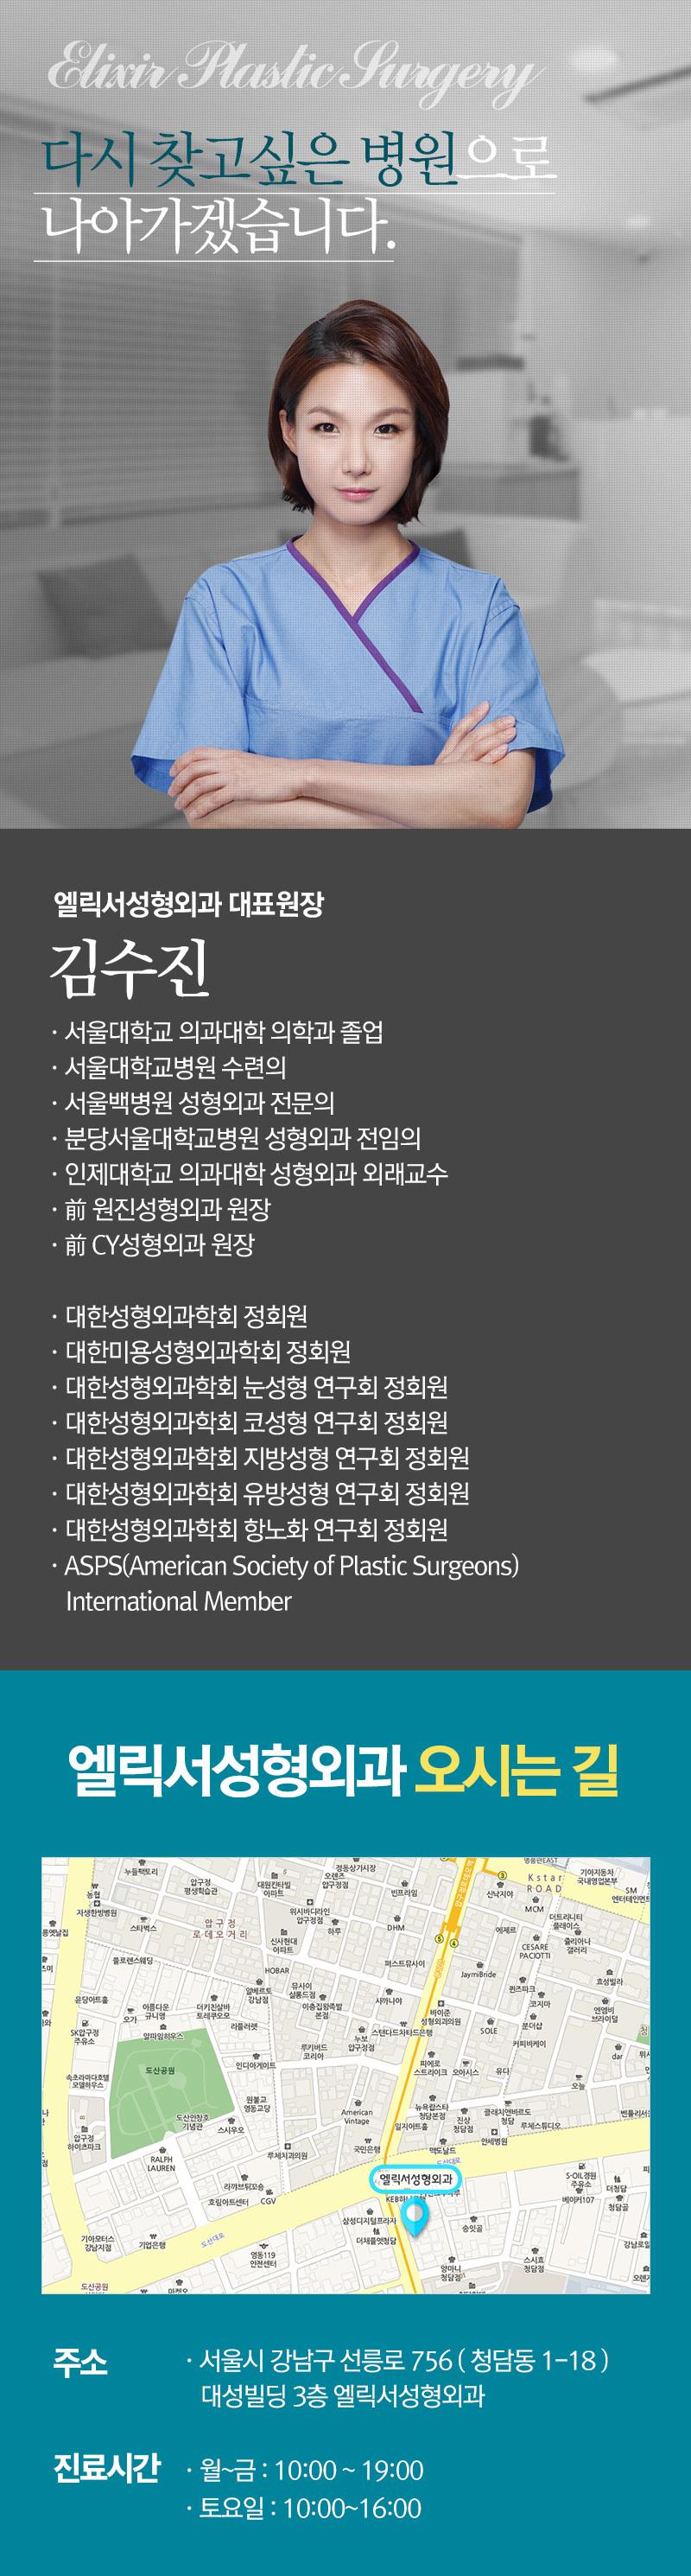 D event info b84587c400870bb084